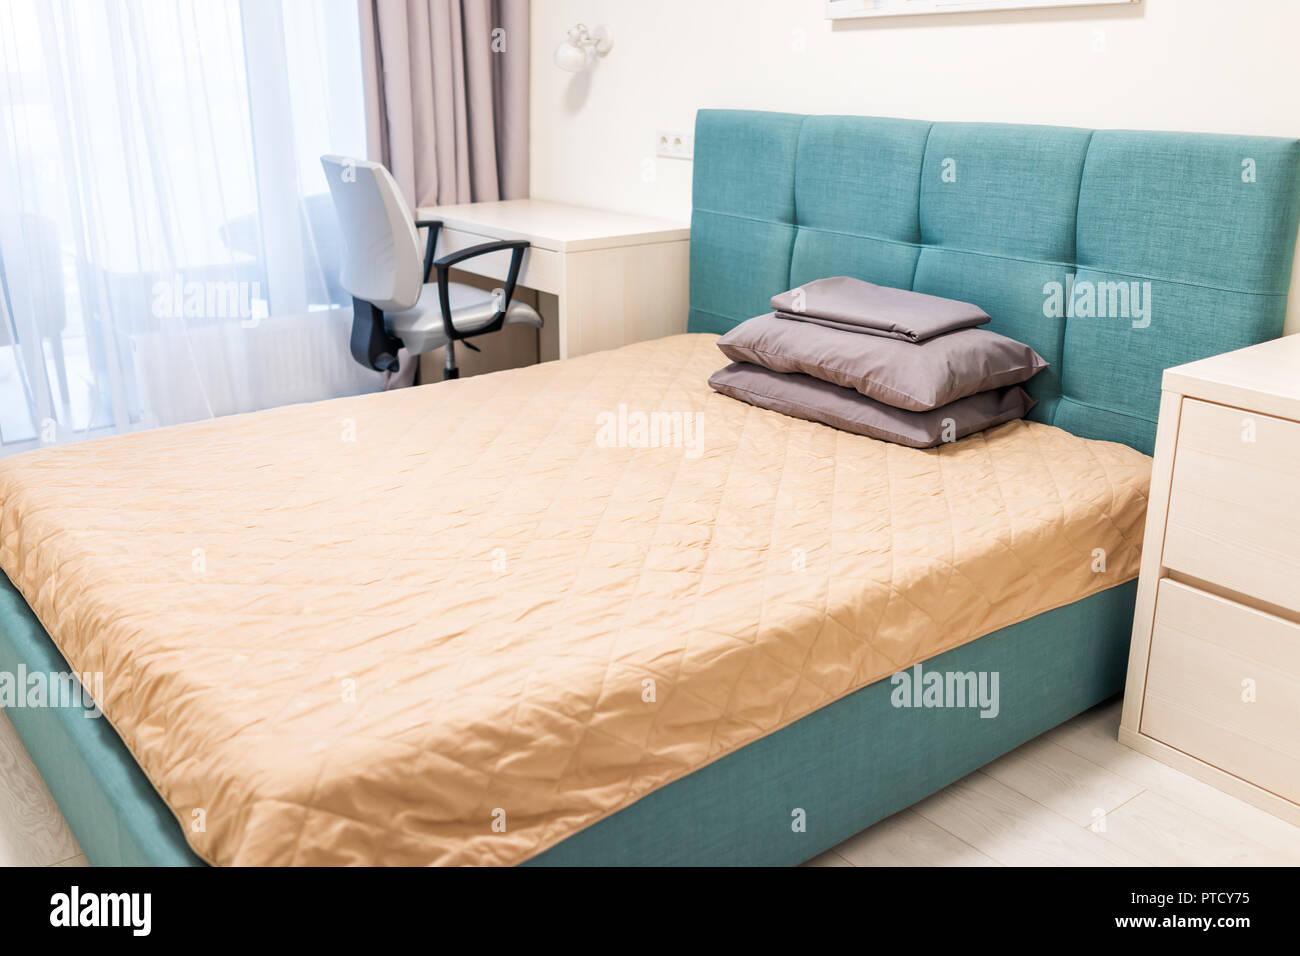 Nahaufnahme des Minimalismus Bett mit grün blau türkis ...